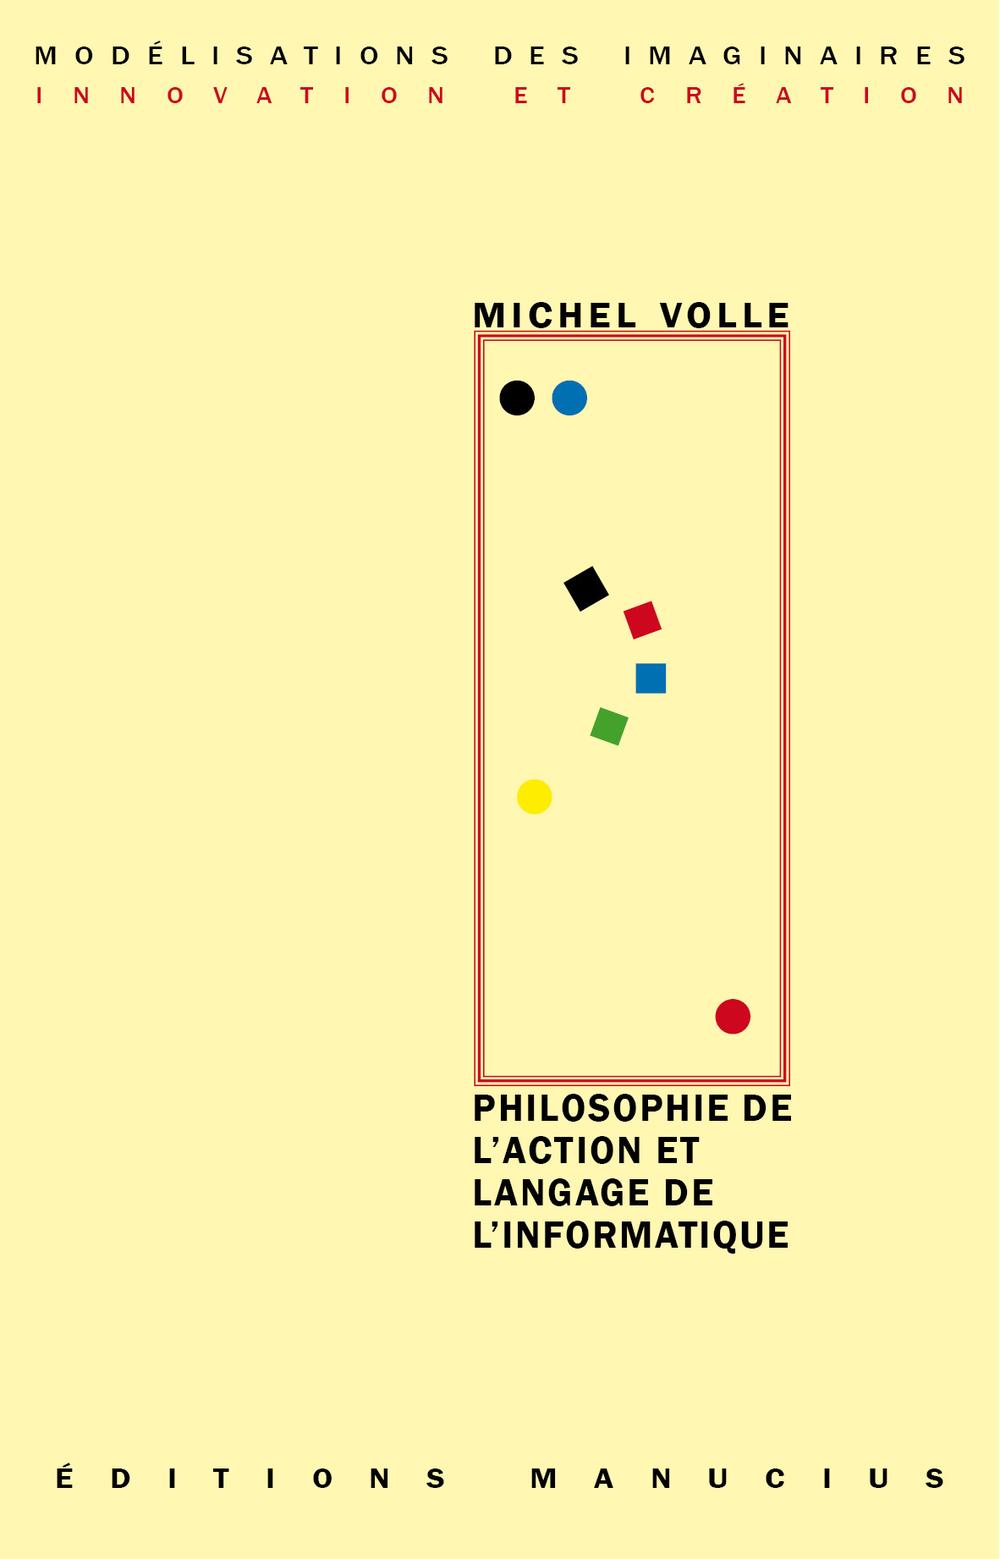 Philosophie de l'action et langage de l'informatique